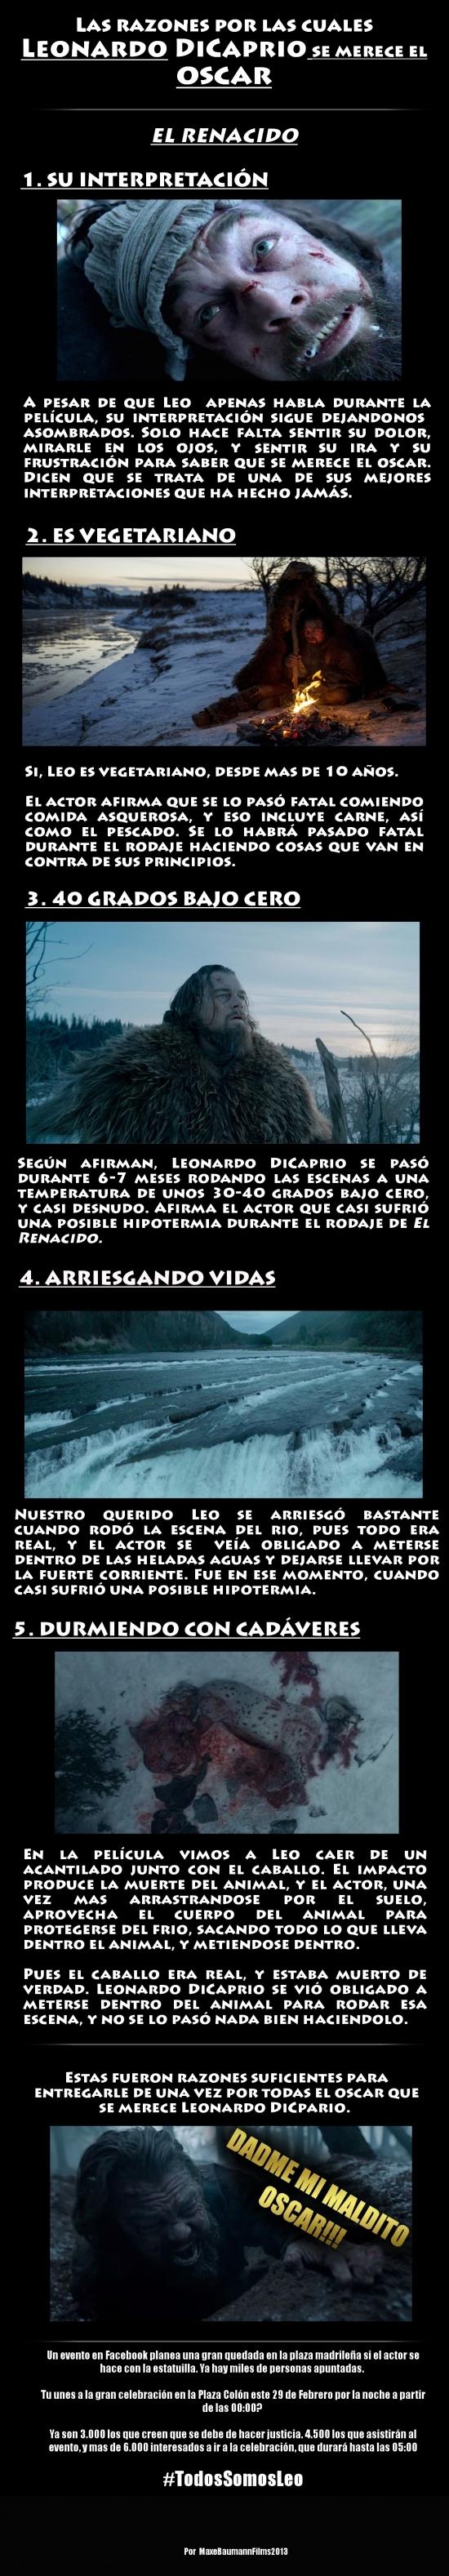 Aww_yea - [Contiene spoilers] Las 5 razones por las que Leonardo DiCaprio se merece el Oscar por El Renacido